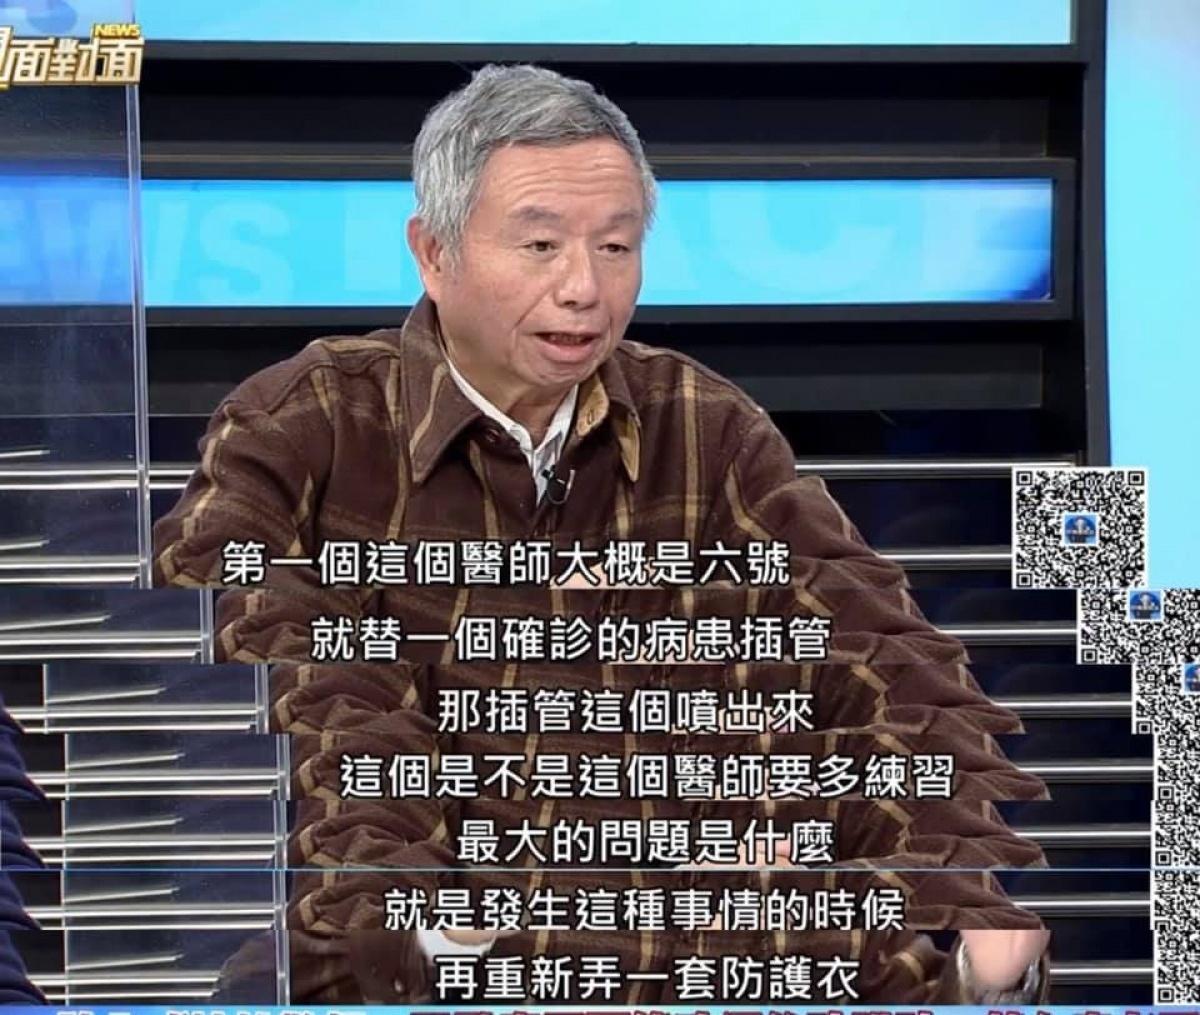 楊志良嗆「開除染疫醫師」 女外科醫師開砲:不懂裝懂